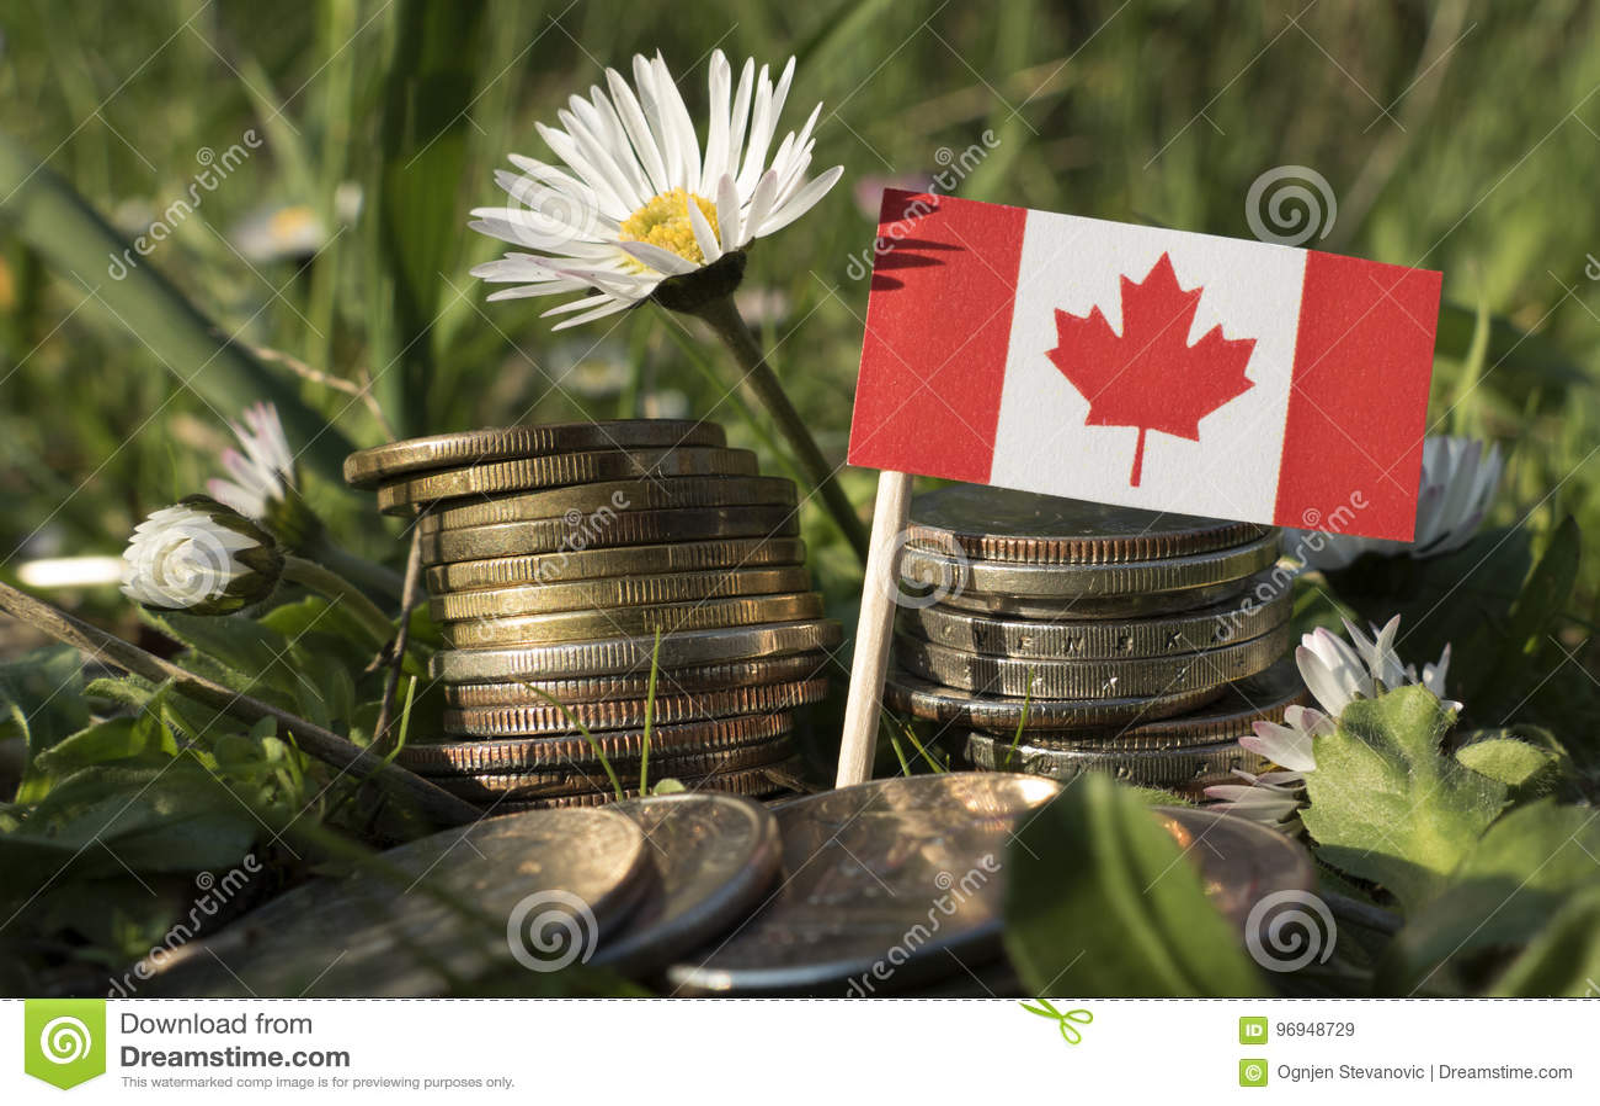 Kanadische Flagge mit Stapel Geld prägt mit Gras